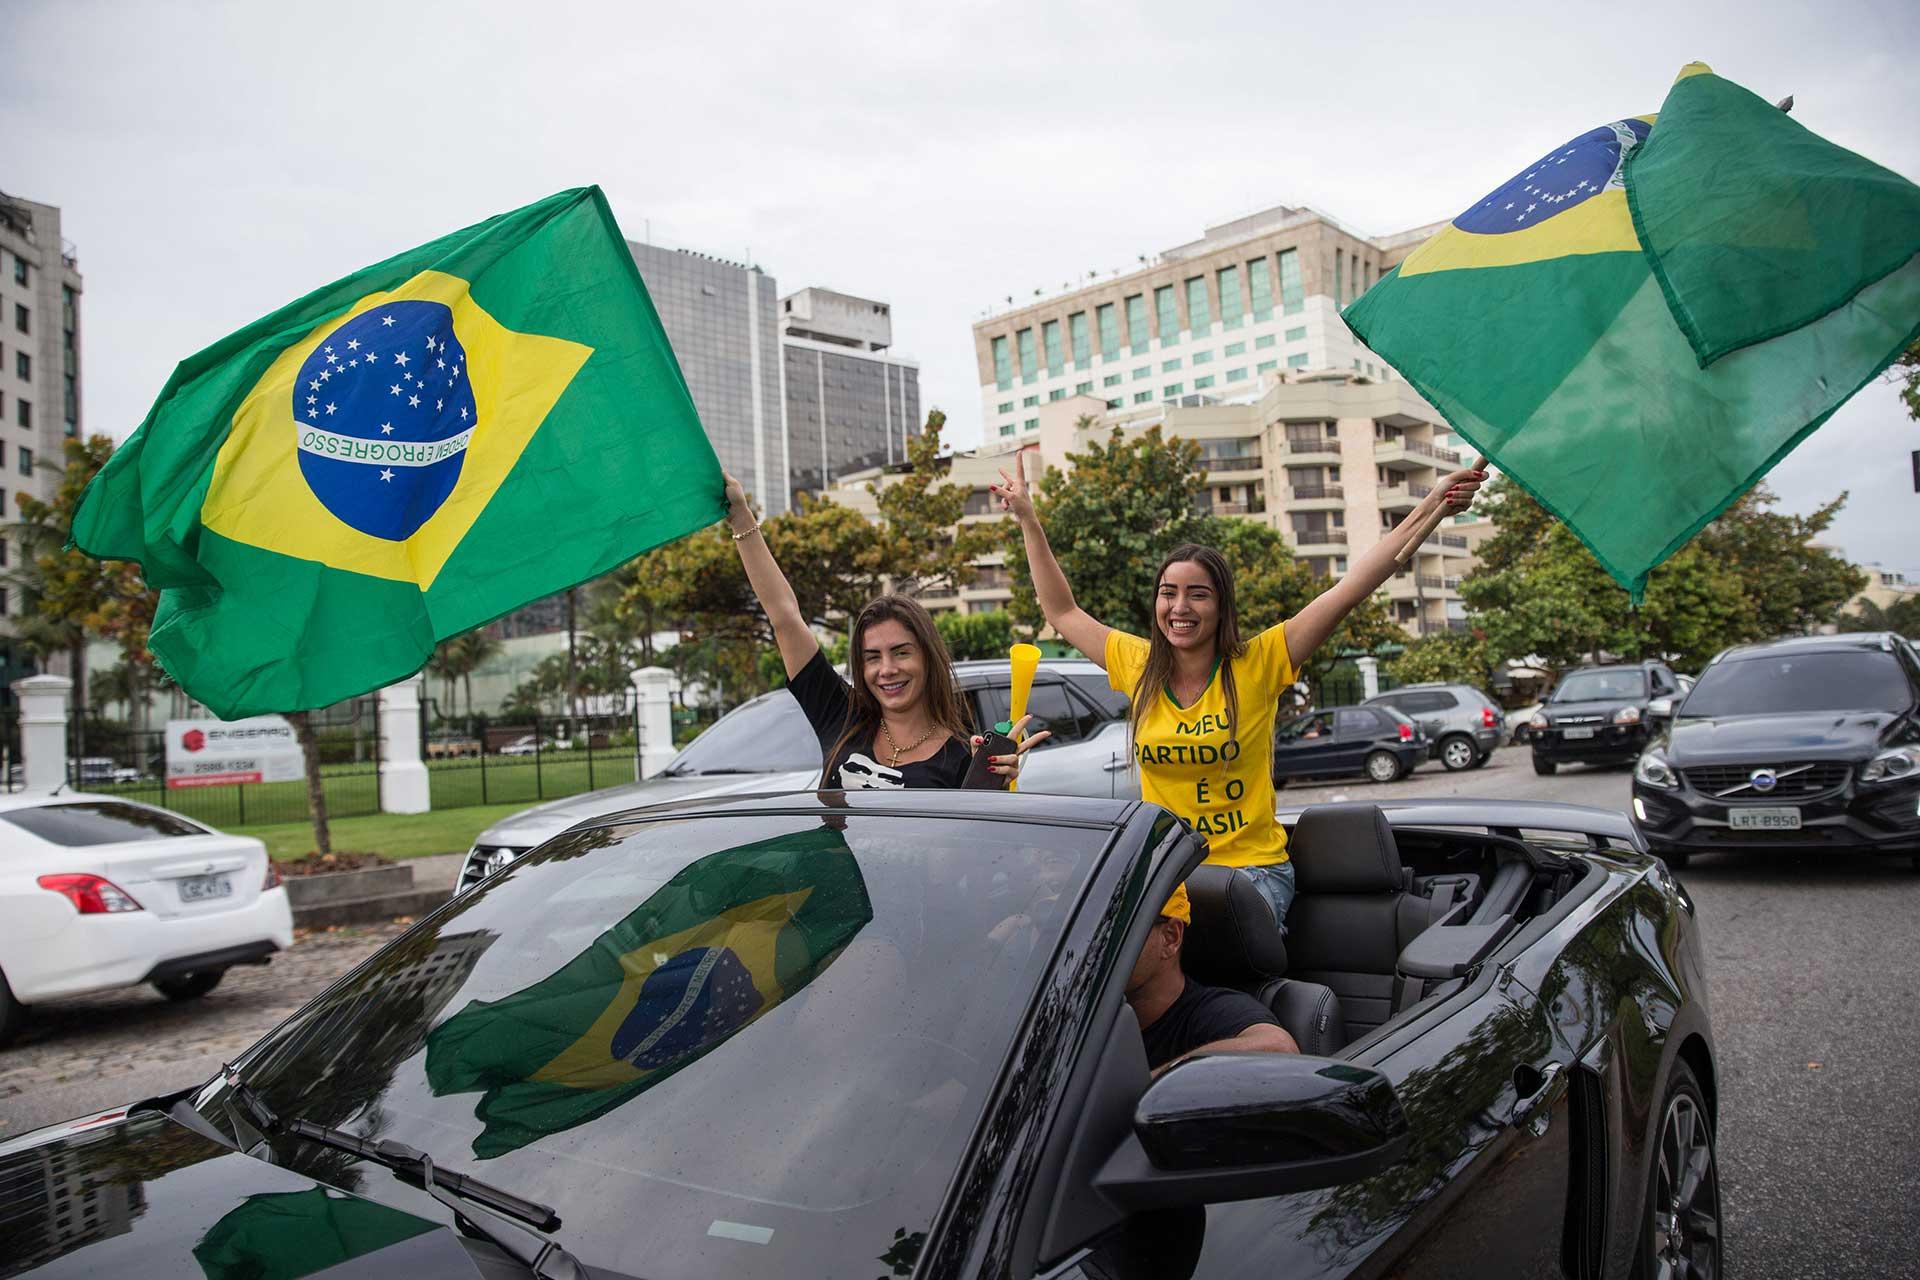 Si Bolsonaro llega a la presidencia de Brasil, daríacontinuidad a la transición económica (AFP)